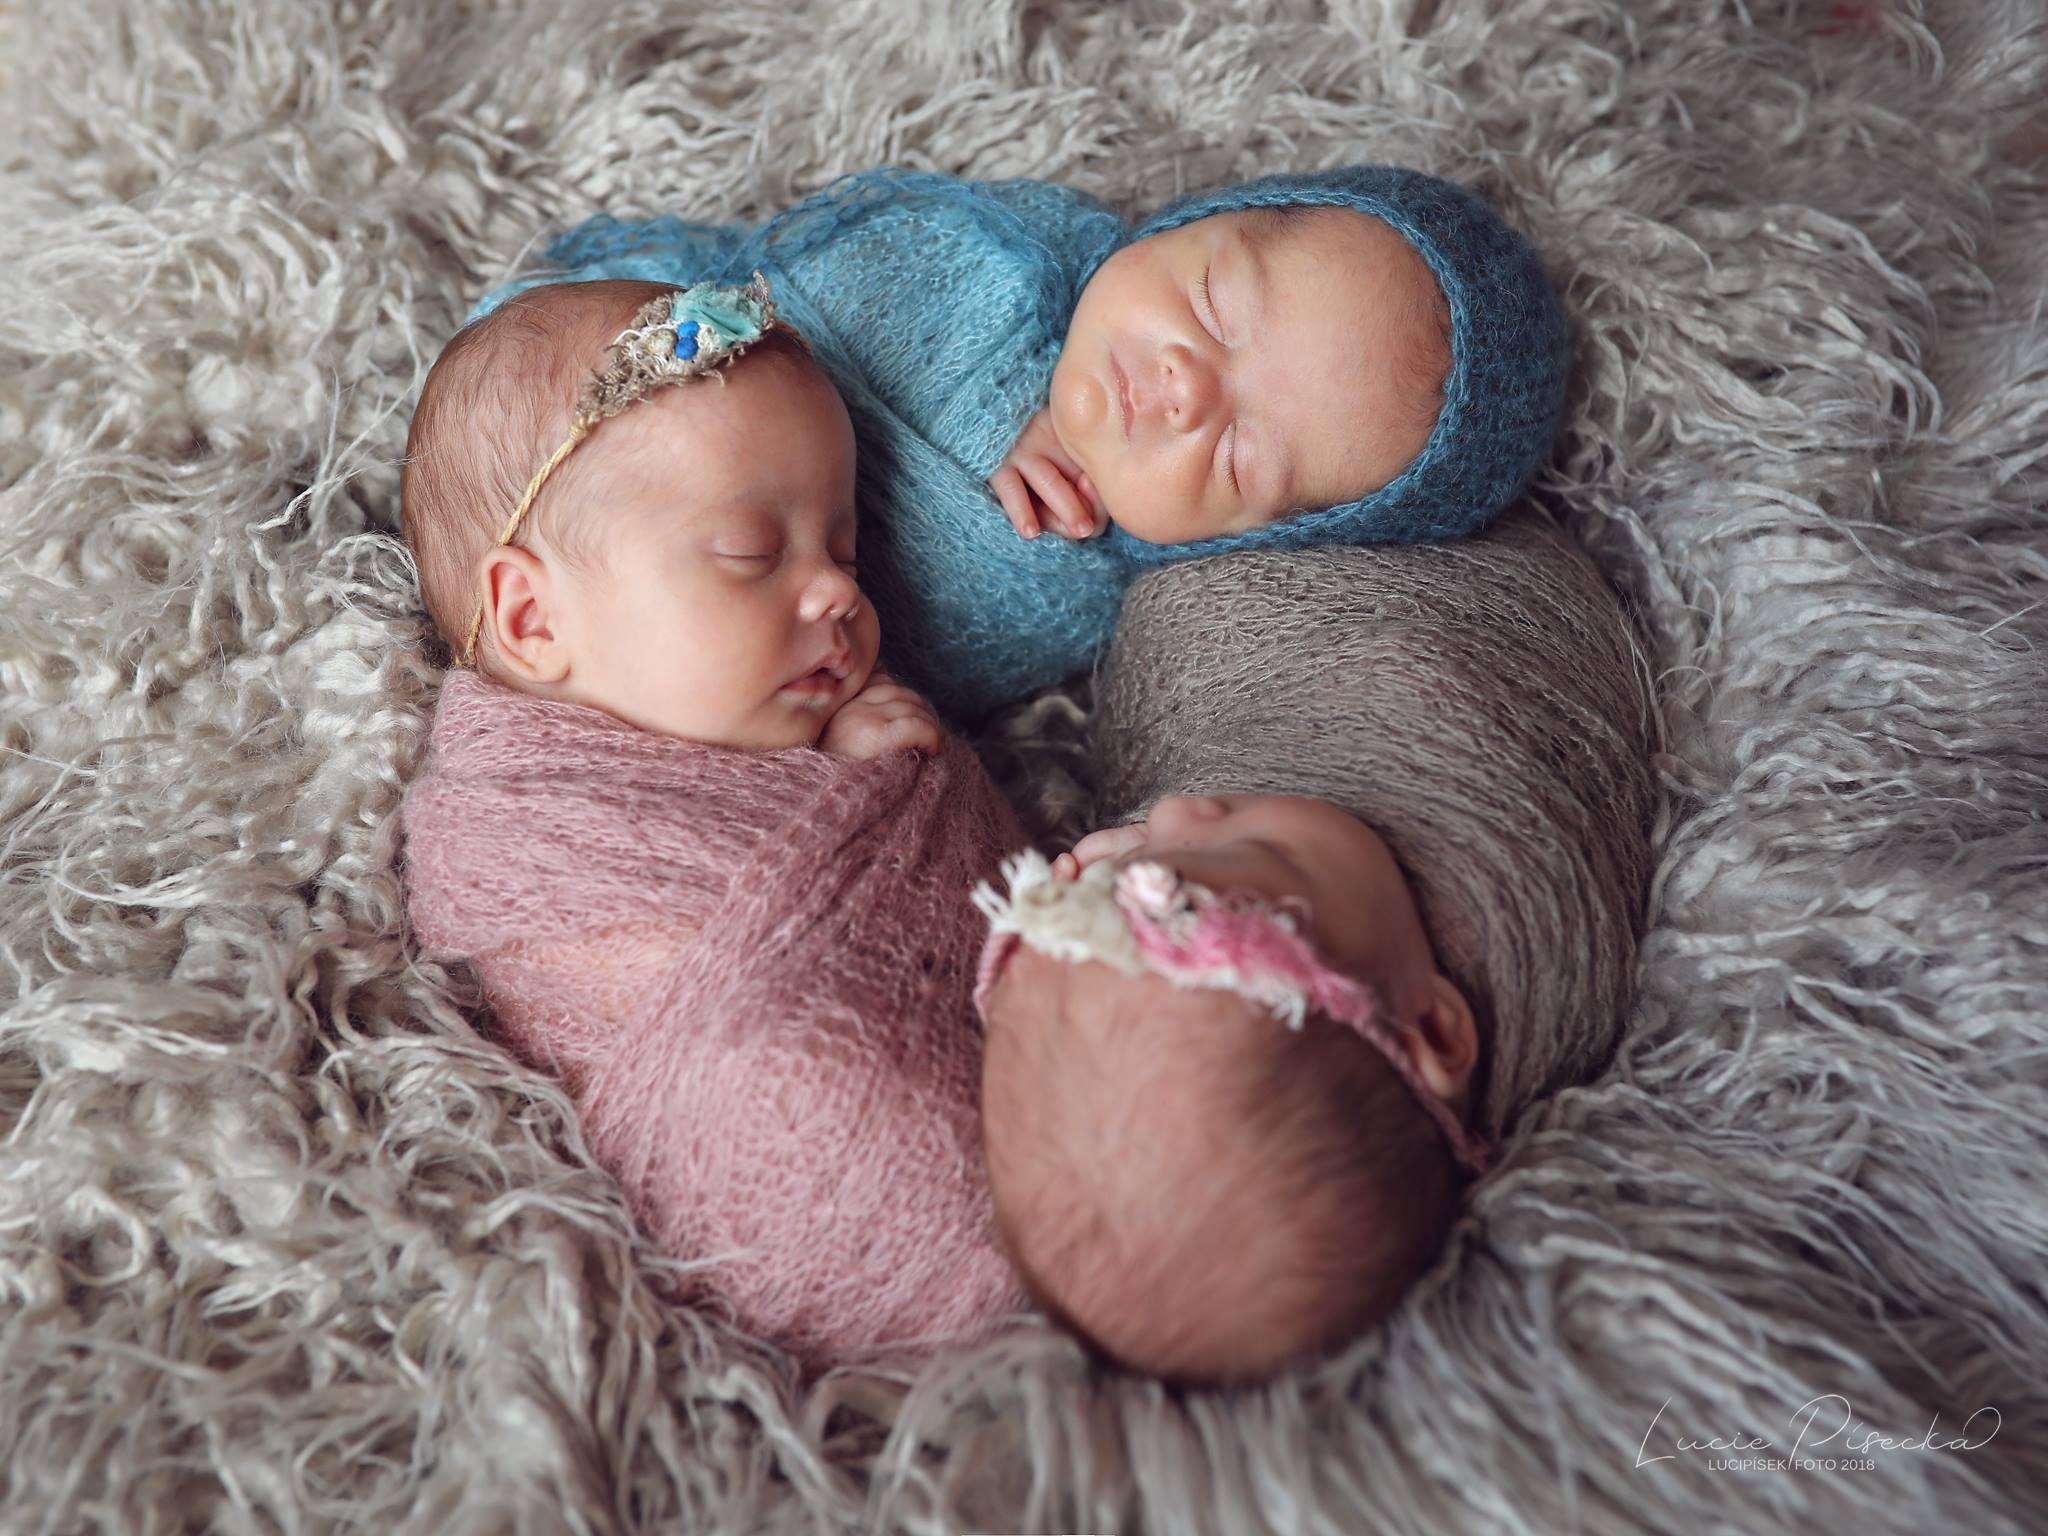 newborn triplets trojcata